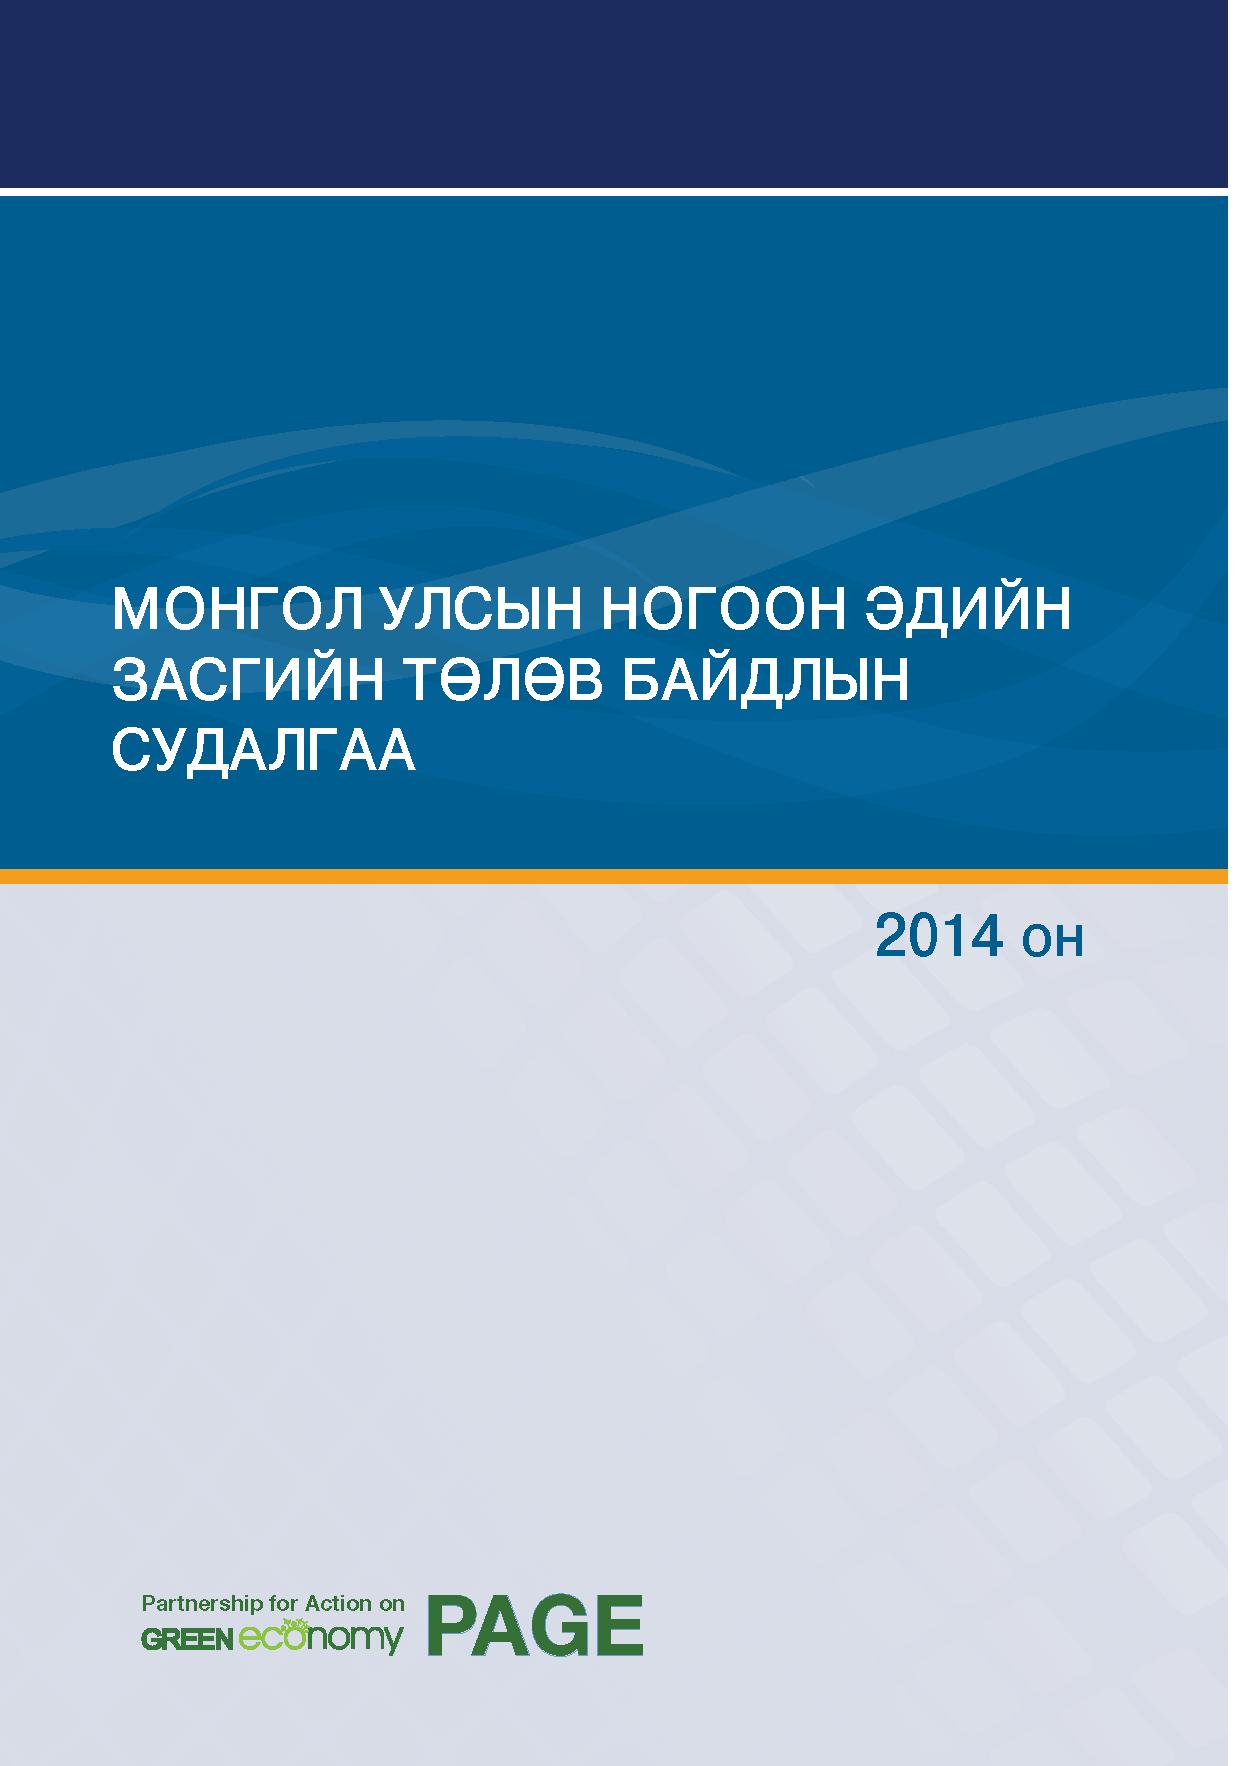 МУ-ын төлөв байдлын судалгаа